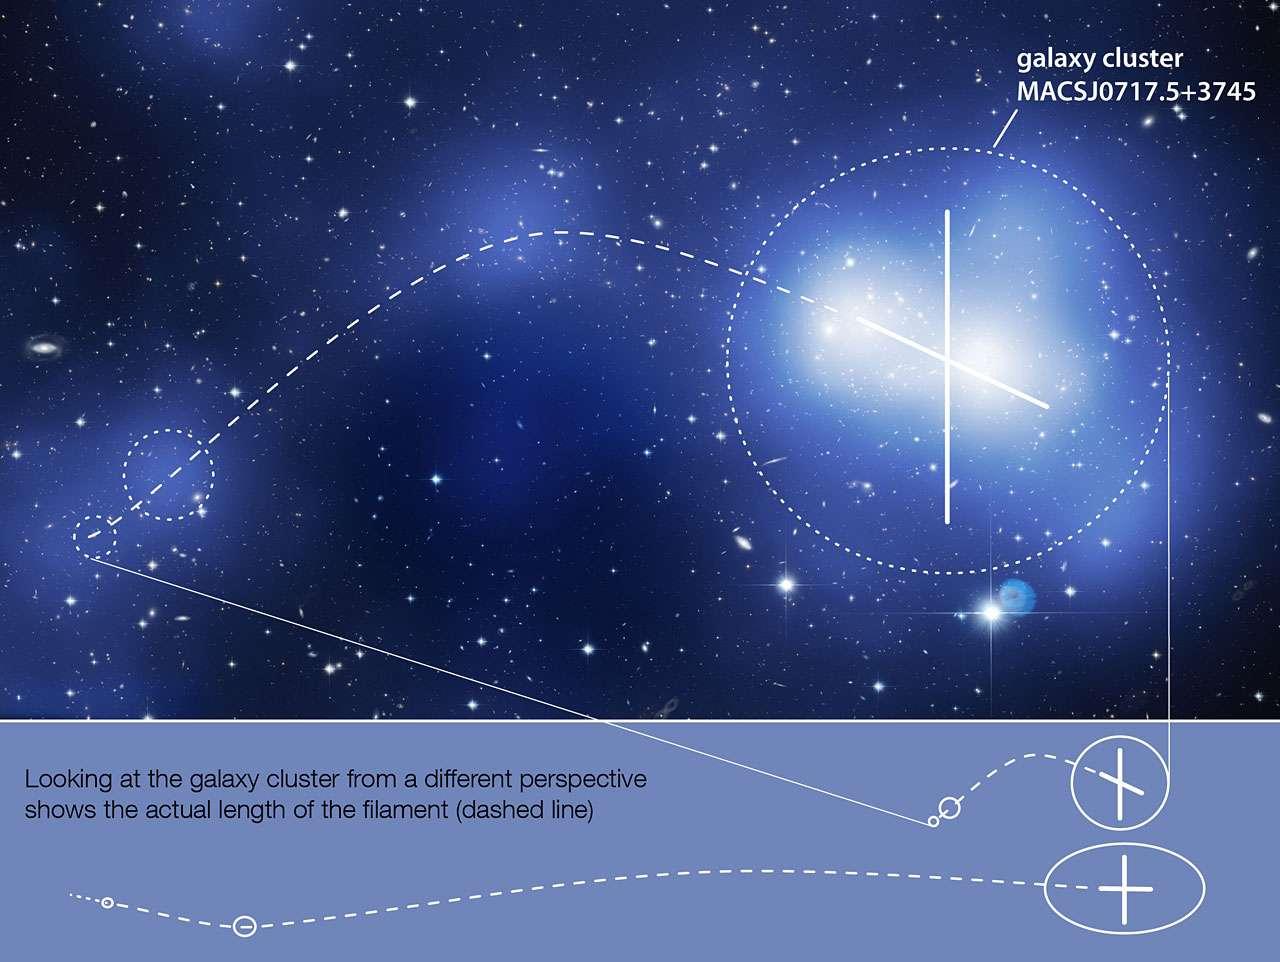 Sur cette image montrant la distribution de matière noire déduite de l'effet de lentille gravitationnelle, on a représenté en tirets le filament de matière noire de l'amas de galaxies MACSJ0717. En dessous, l'effet de perspective est corrigé pour montrer les véritables distances. © Nasa, Esa, Harald Ebeling (University of Hawaii), Karen Teramura (University of Hawaii)